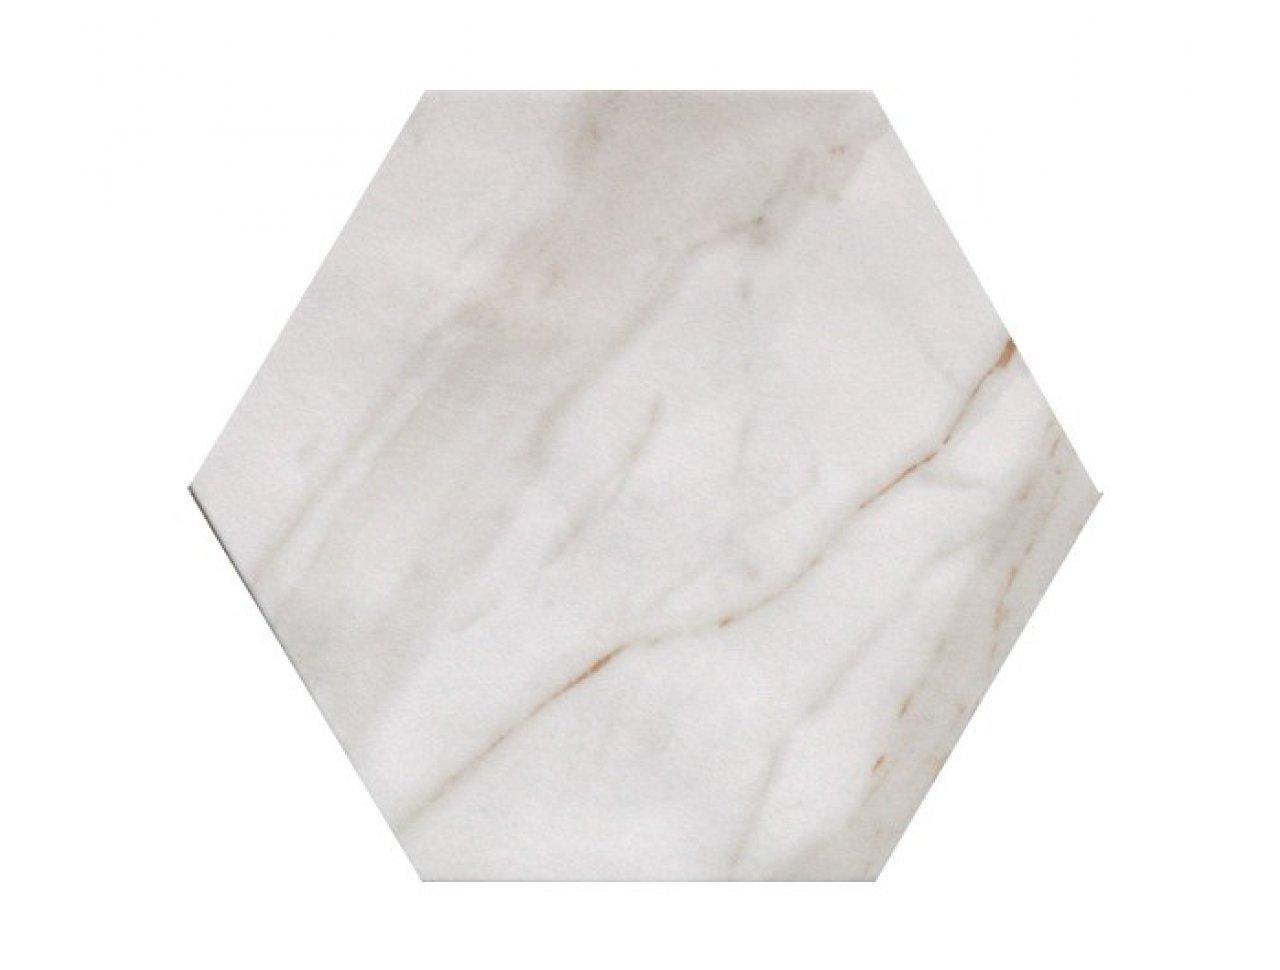 Напольная плитка FAP Roma Calacatta Esagono 21.6 x 25 см, Арт. fLVA